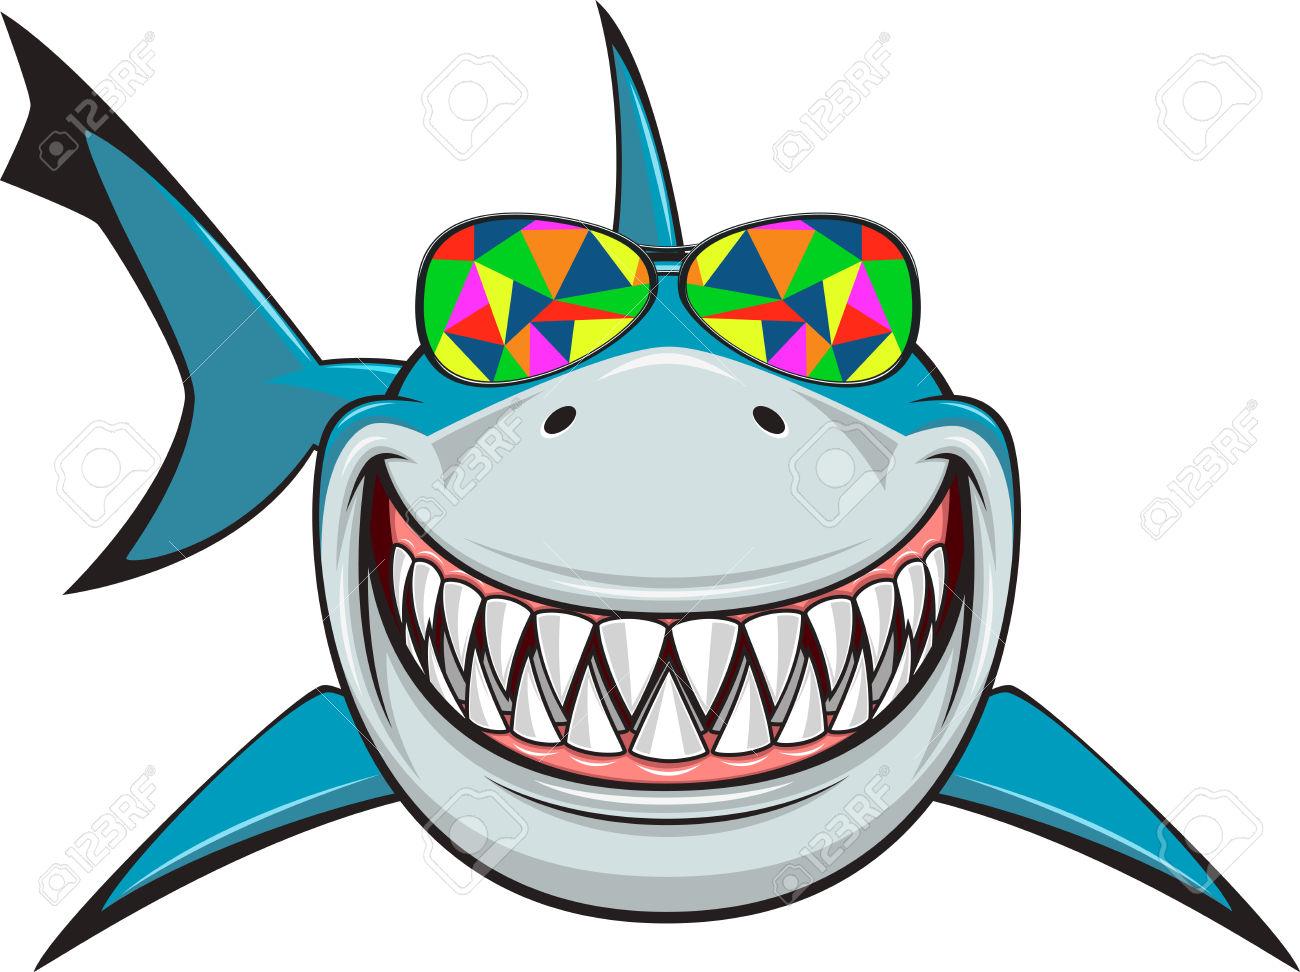 1300x972 Fins Clipart Shark Head